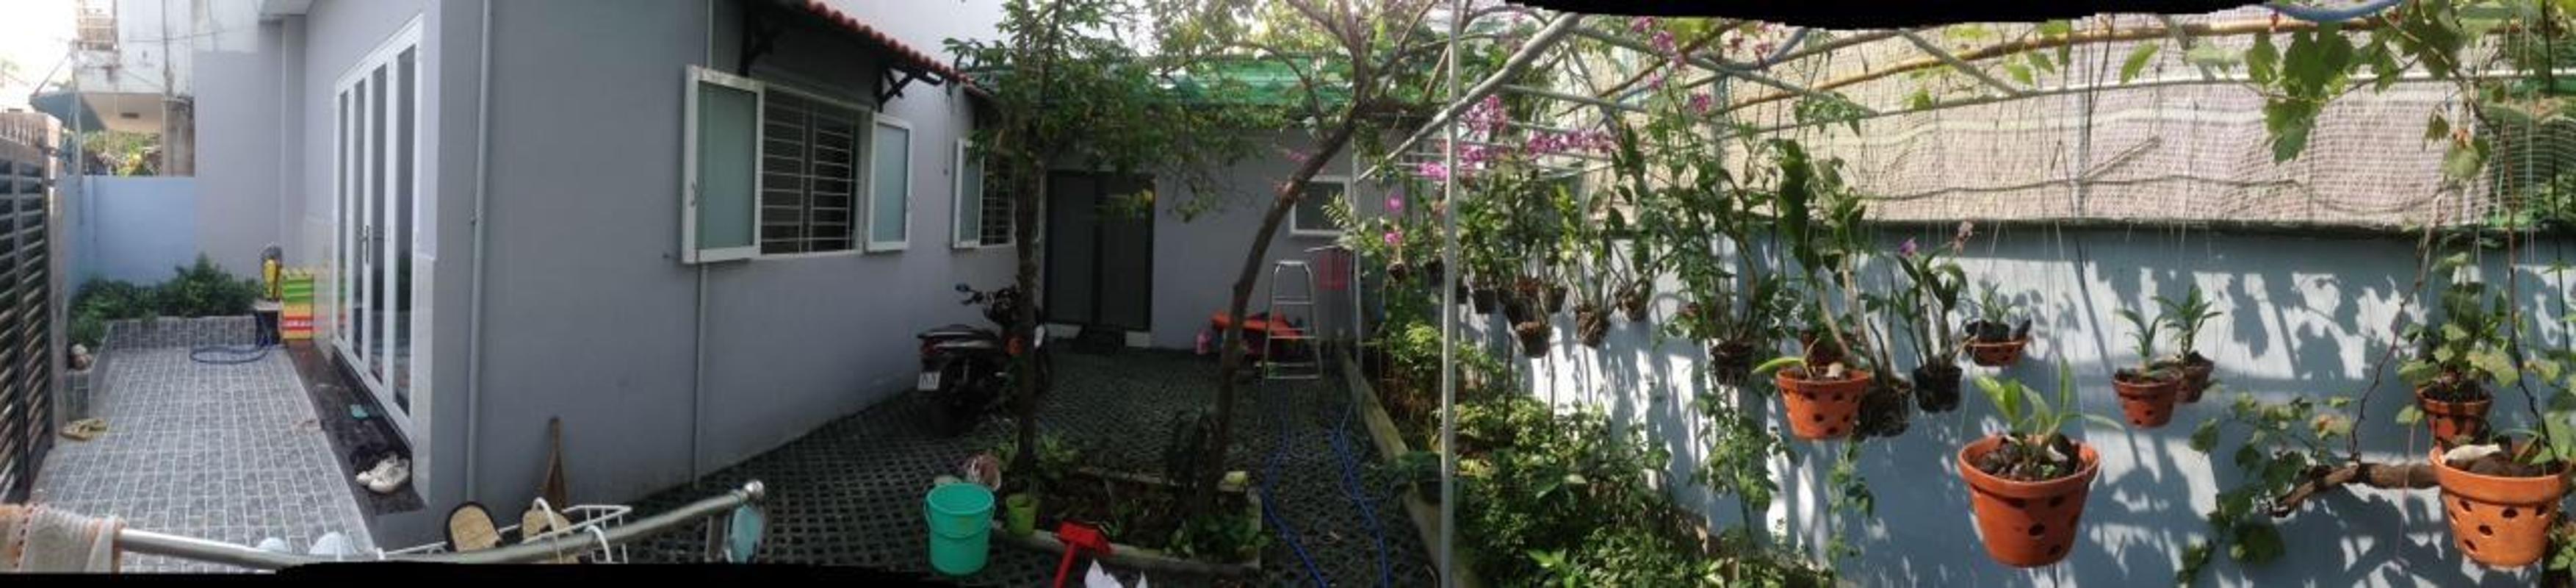 1b6cea83b39150cf0980 Bán nhà phố đường Bình Quới, Q, Bình Thạnh, 4 phòng ngủ, diện tích 162m2, có sân vườn